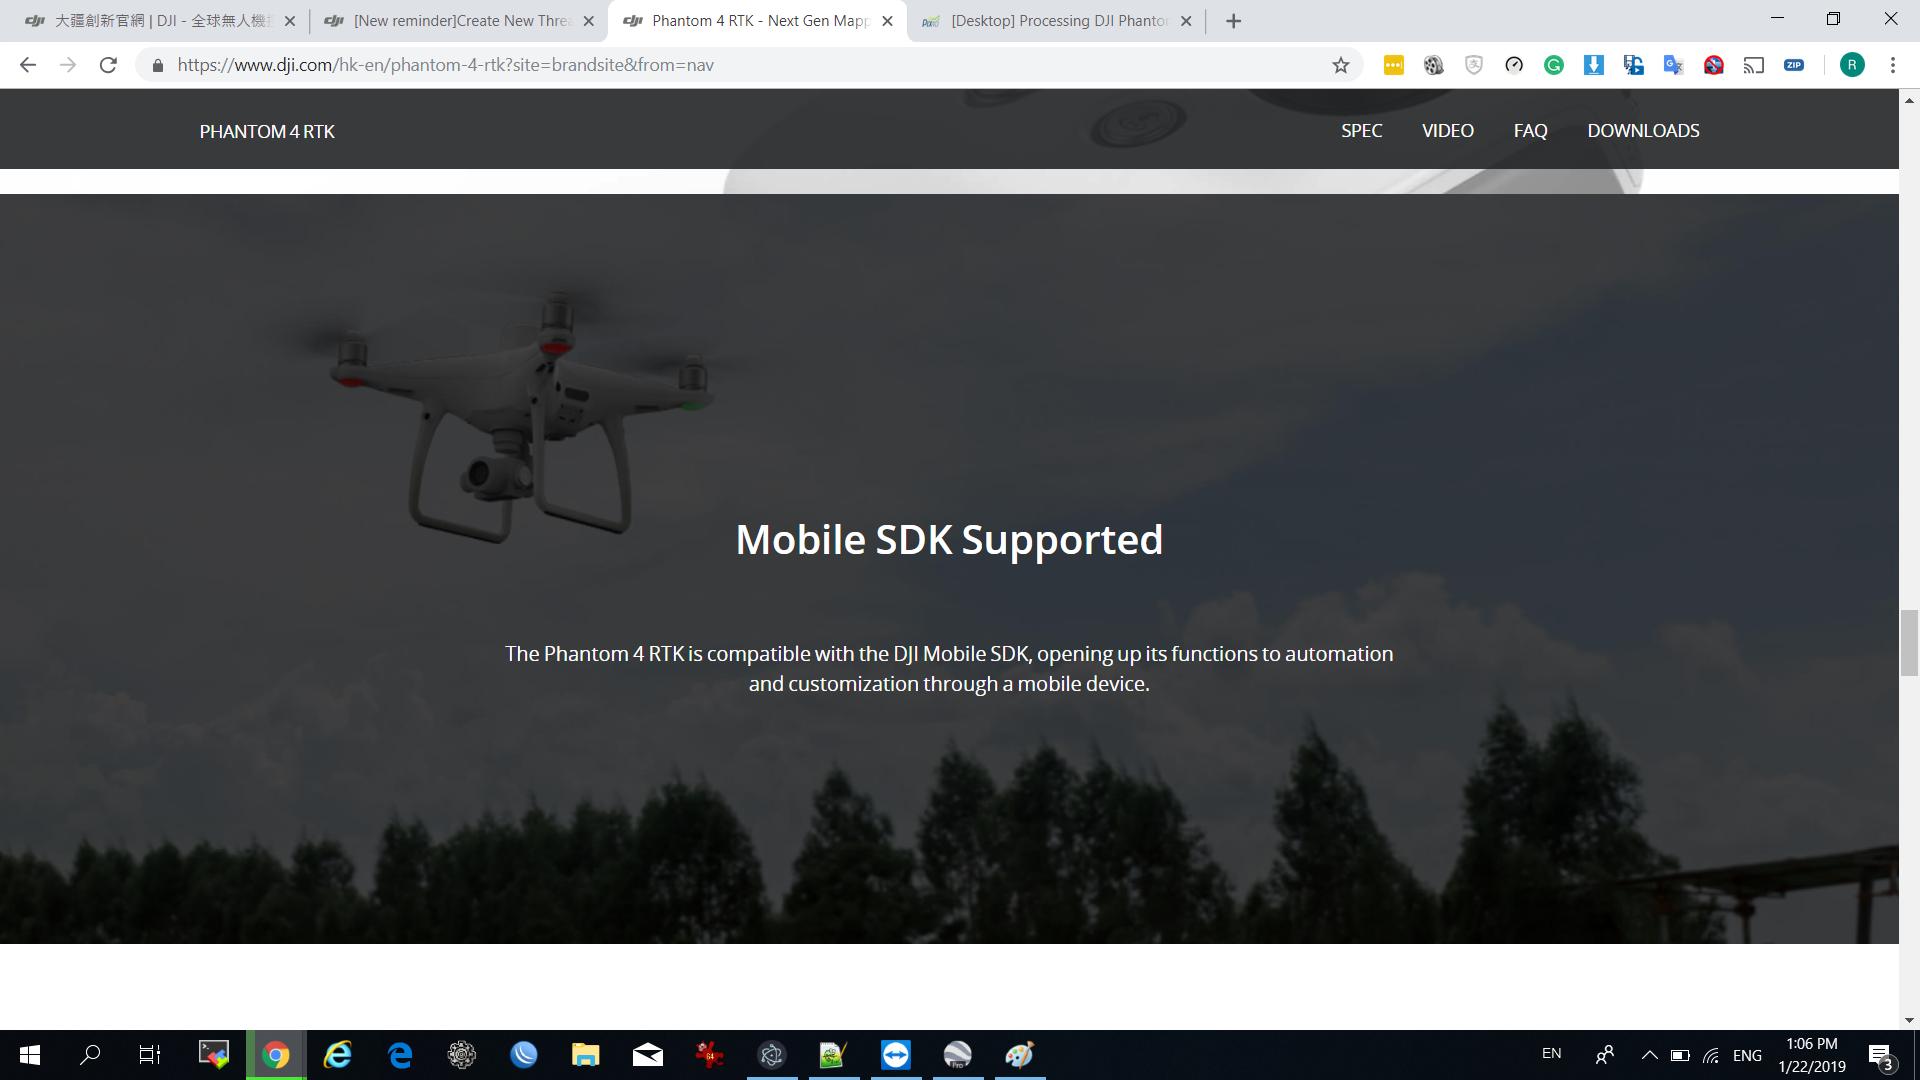 phantom4rtk-mobilesdk-support-en.png